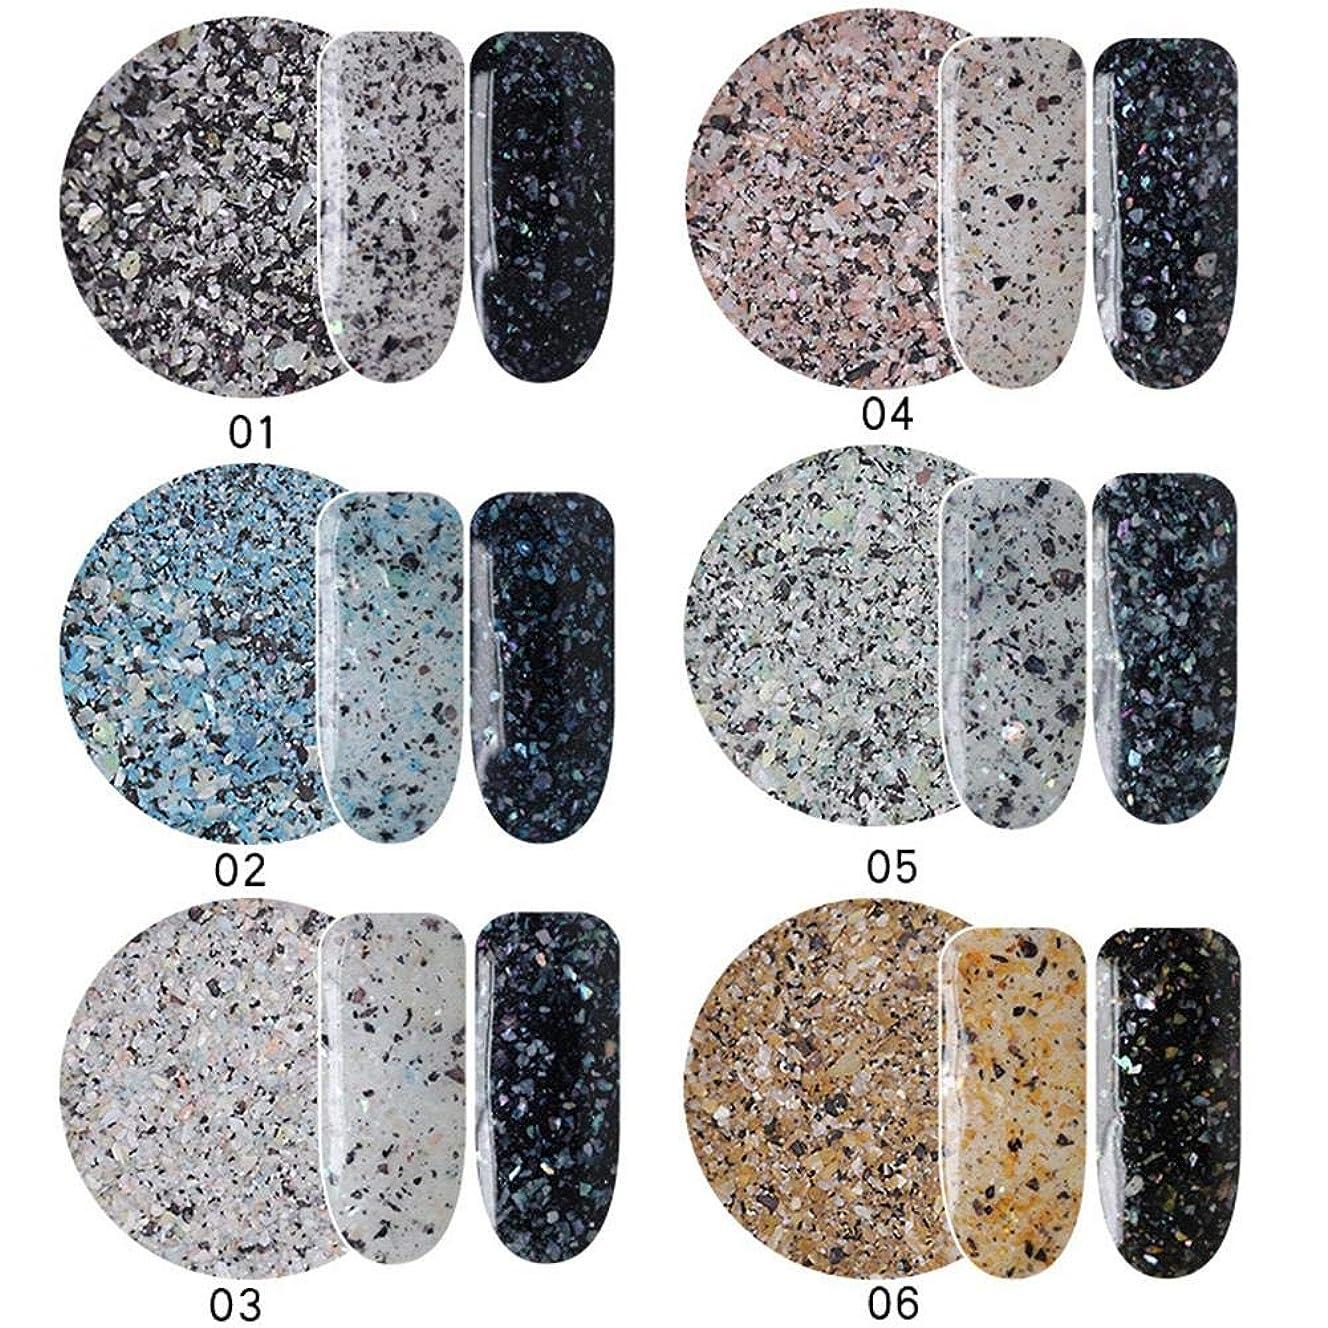 ファン農奴区ネイルパウダー 6色セット ネイルアートパーツ 大理石柄 ネイルDIY ネイルデコレーション ネイルアートアクセサリー 輝くネイル 美しい 人気なマニキュアセット junexi